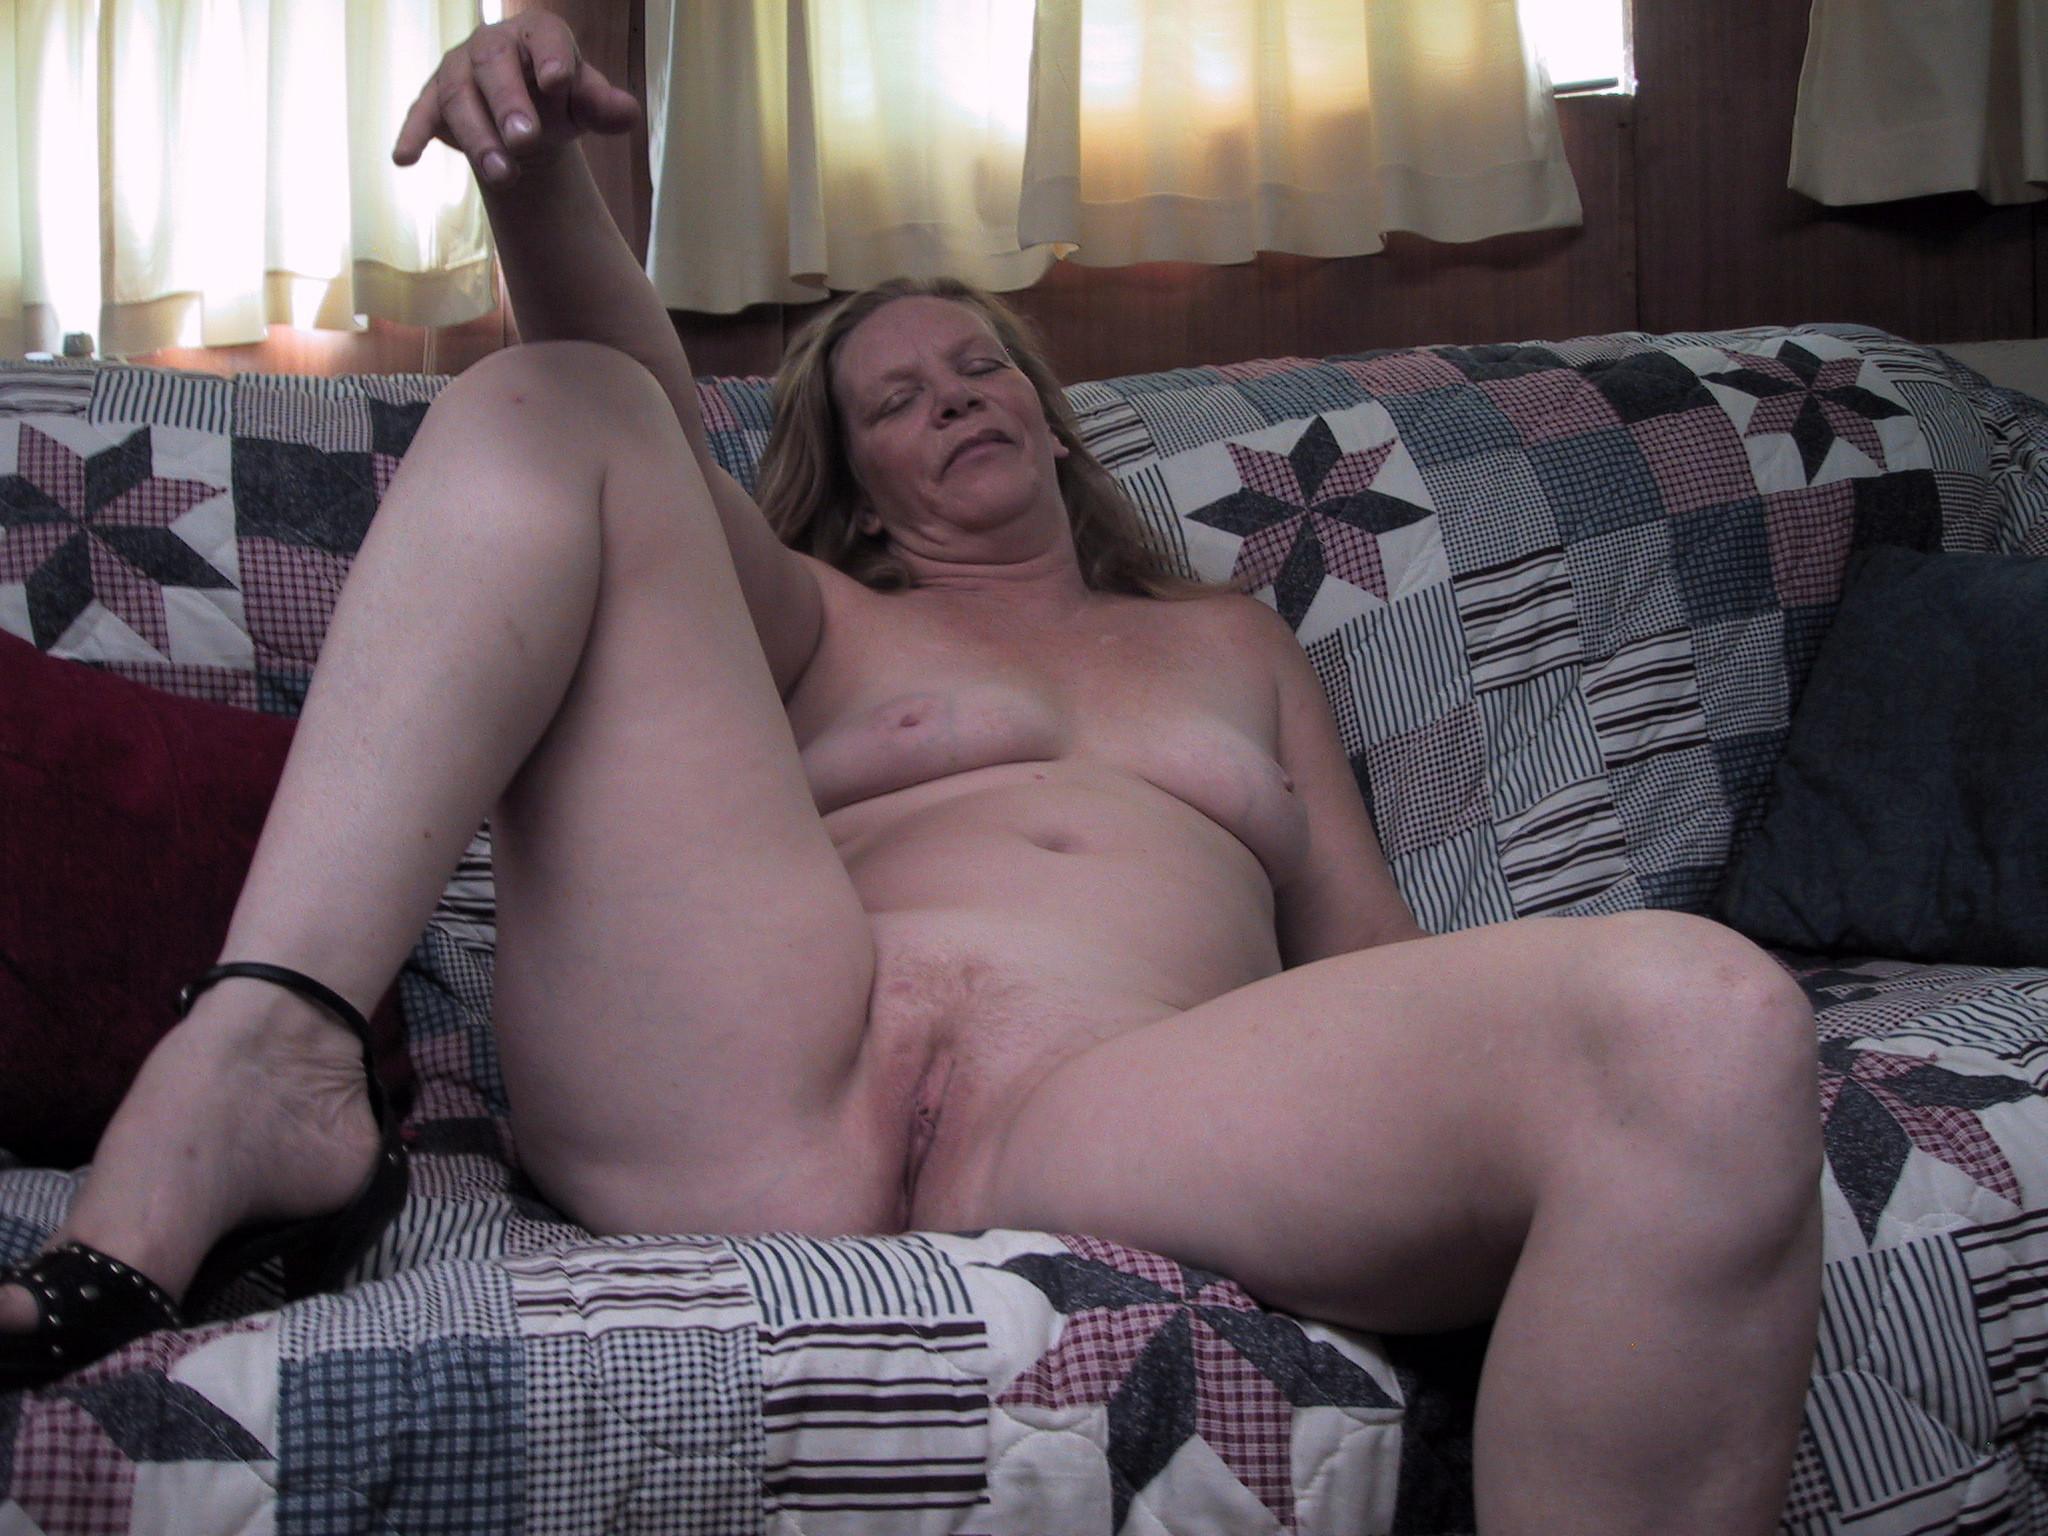 hot nude cheerleaders boobs